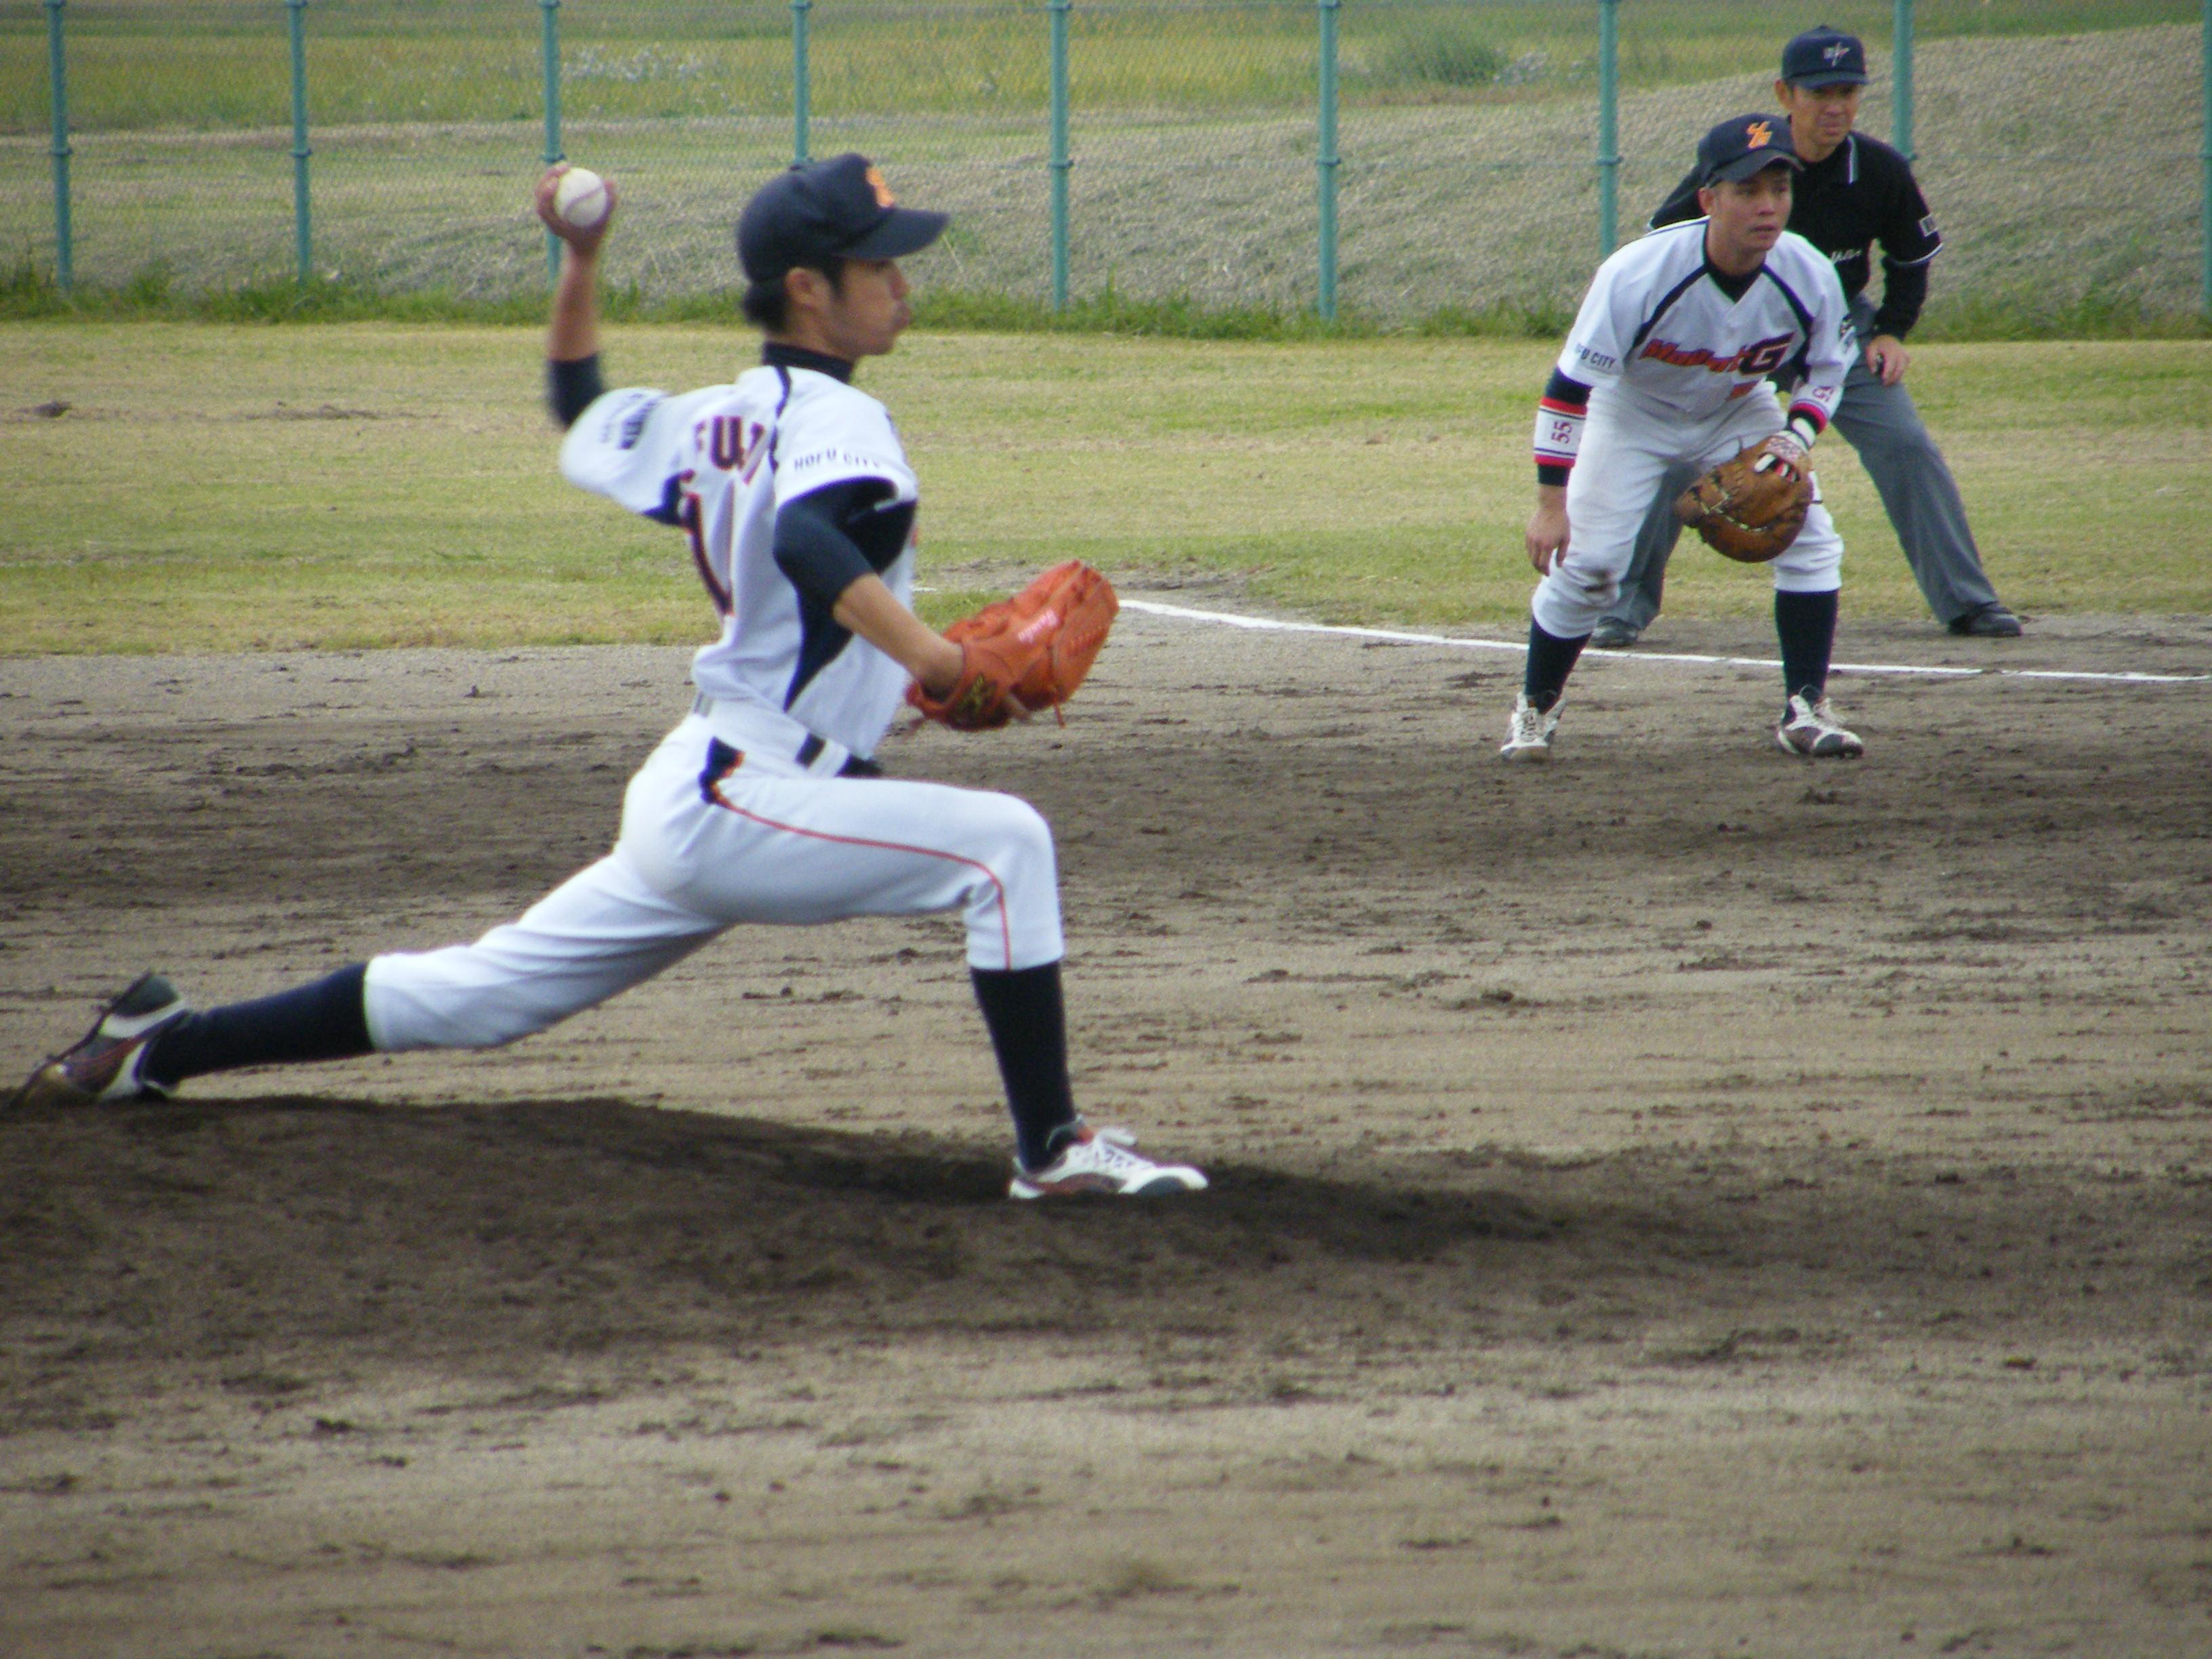 藤井祐投手の投球フォーム